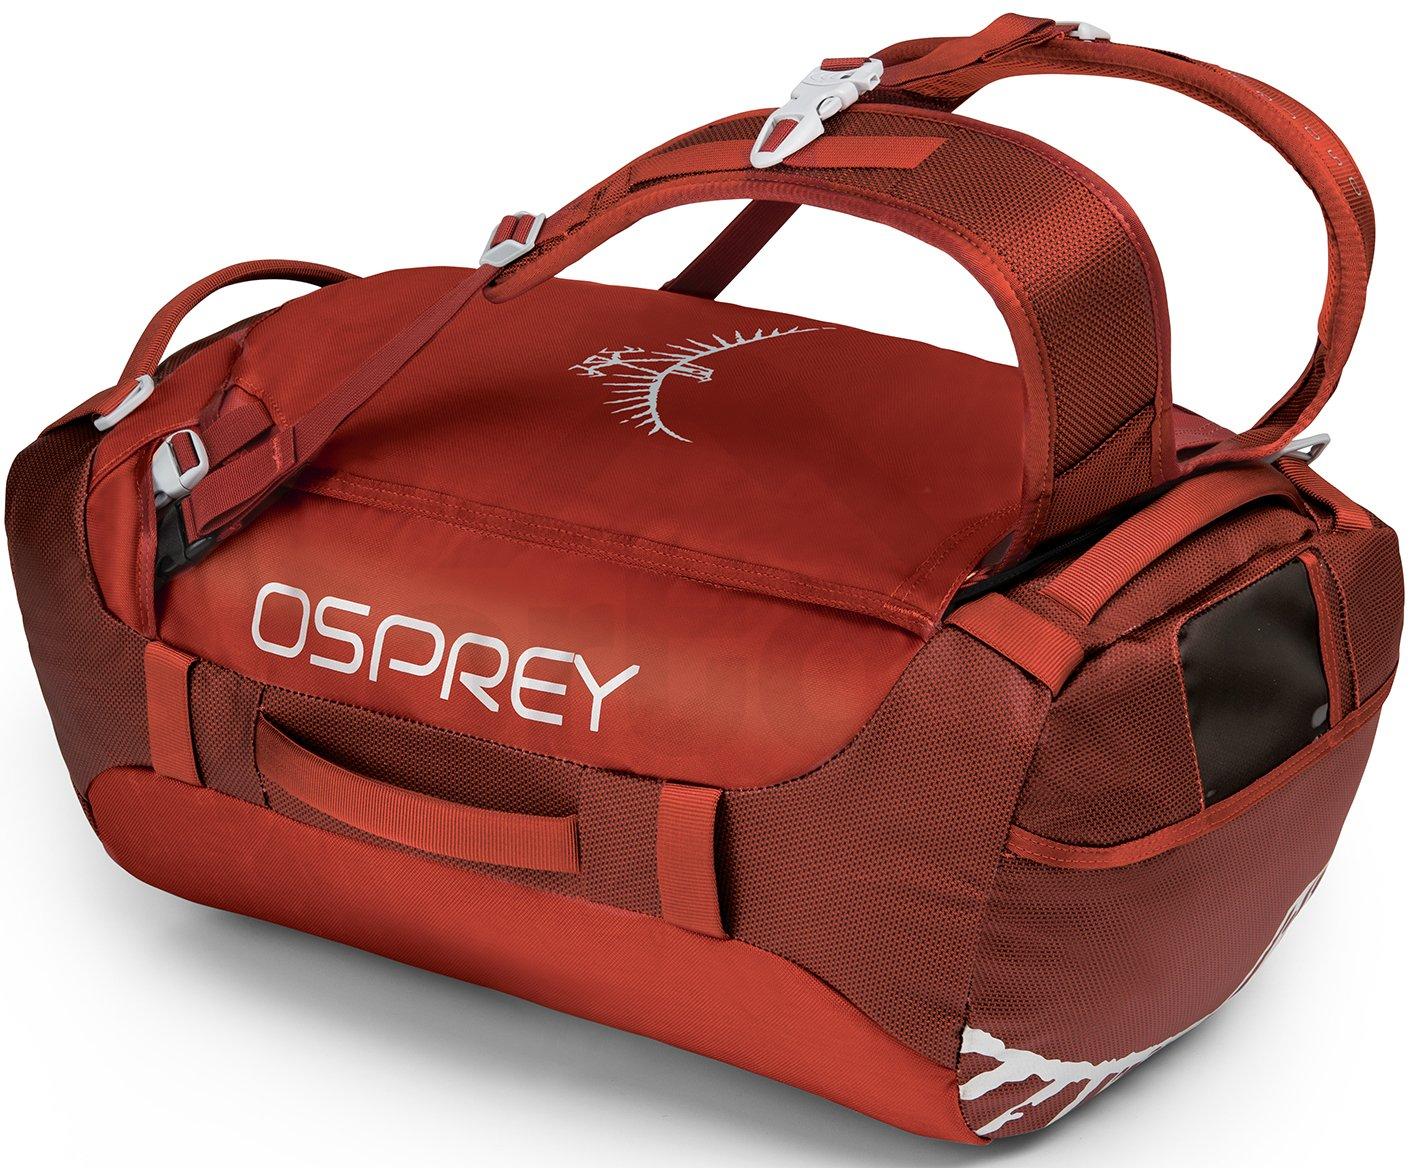 Taška Osprey Transporter 40 II - červená